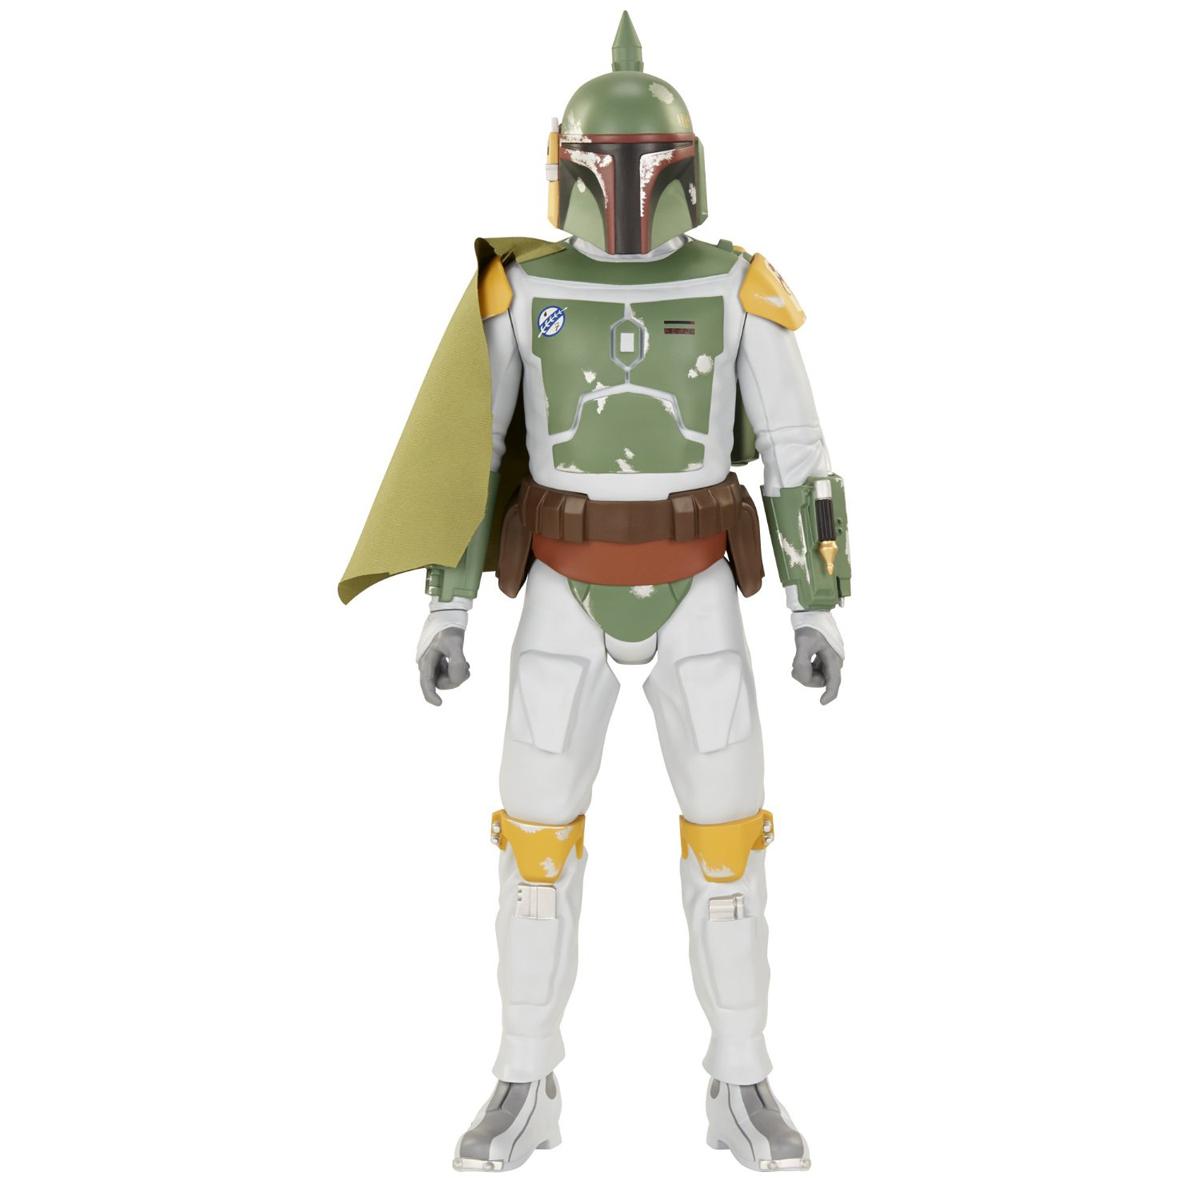 Большая фигурка Боба Фетта  Звёздные воины - Игрушки Star Wars (Звездные воины), артикул: 112692